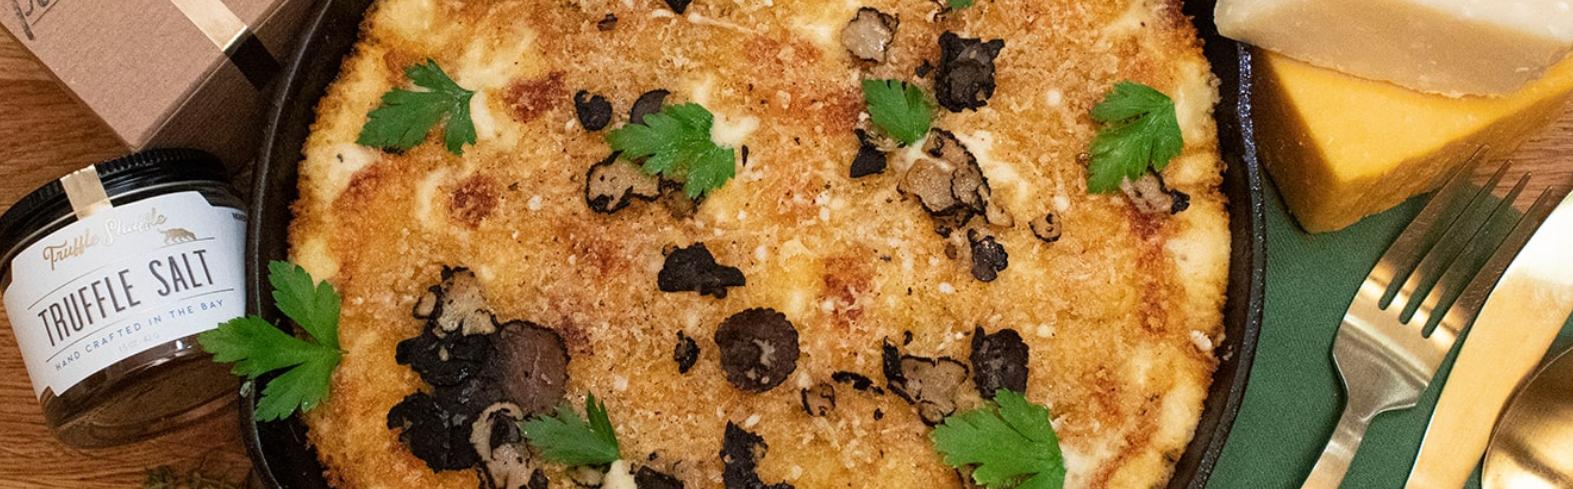 Image of Truffle Mac & Cheese